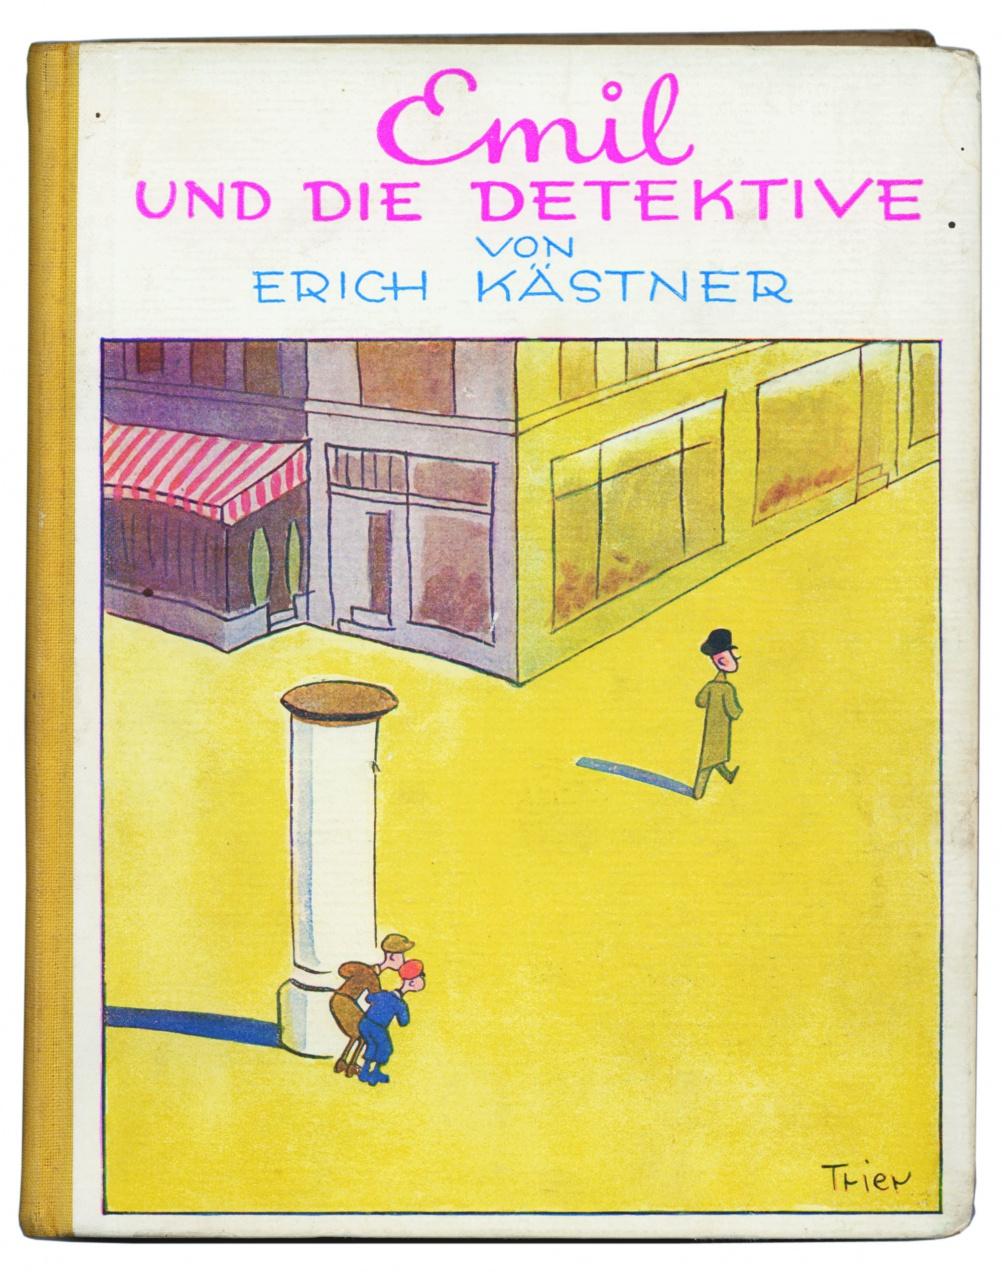 Erich Kästner. Emil und die Detektive. Ein Roman für Kinder.  Berlin: Williams & Co. (1931).  Cover illustration by Walter Trier.